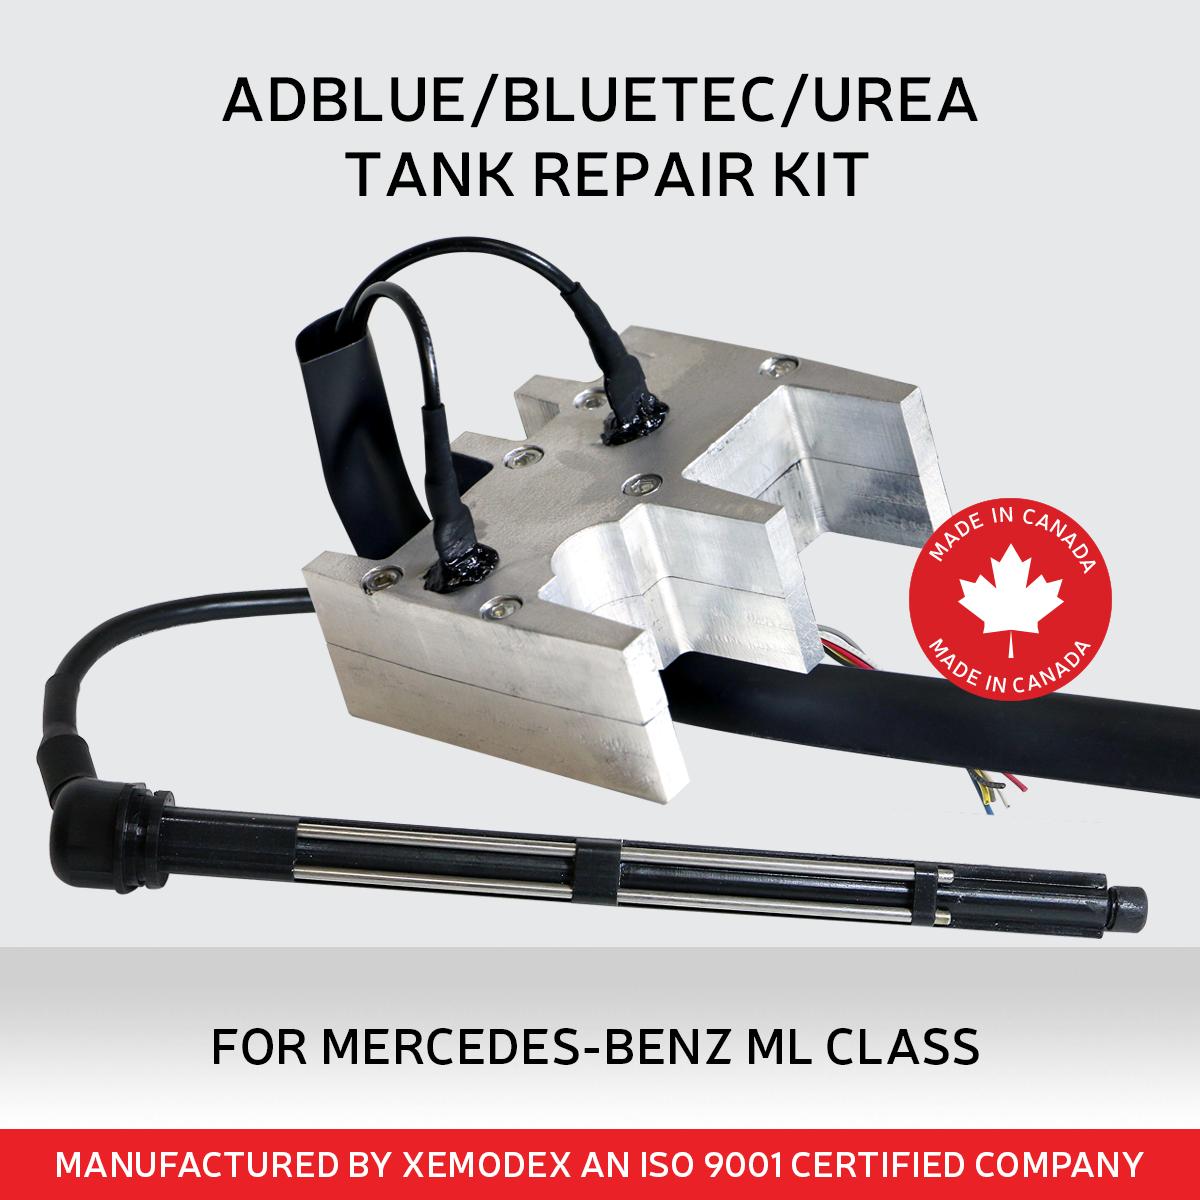 2011 Mercedes Benz E350 Bluetec: XeMODeX DEF/ Bluetec Urea Tank Repair Kit For 2011